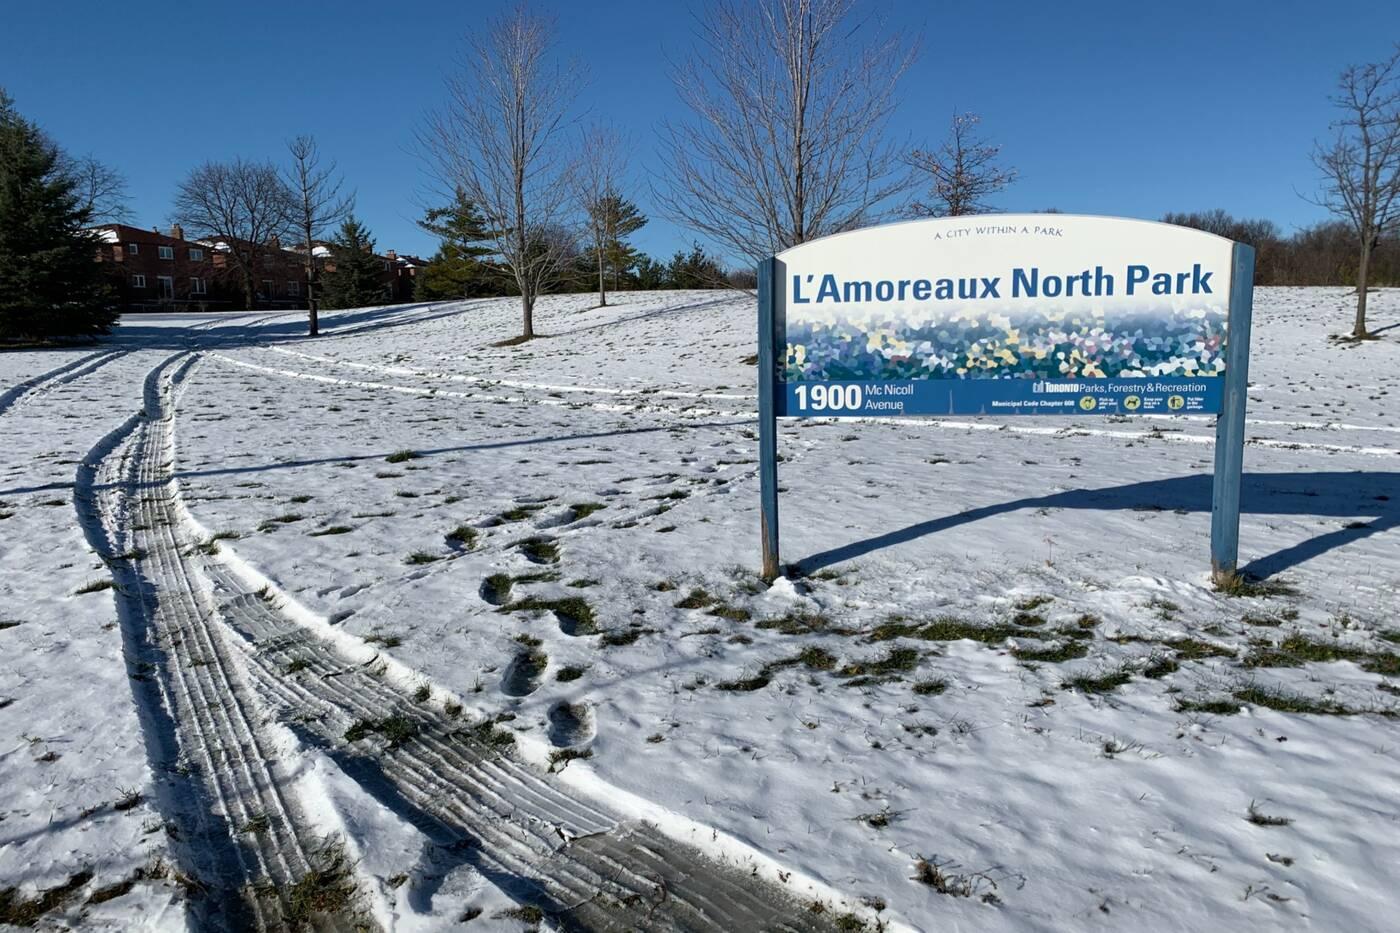 l'amoreaux north park